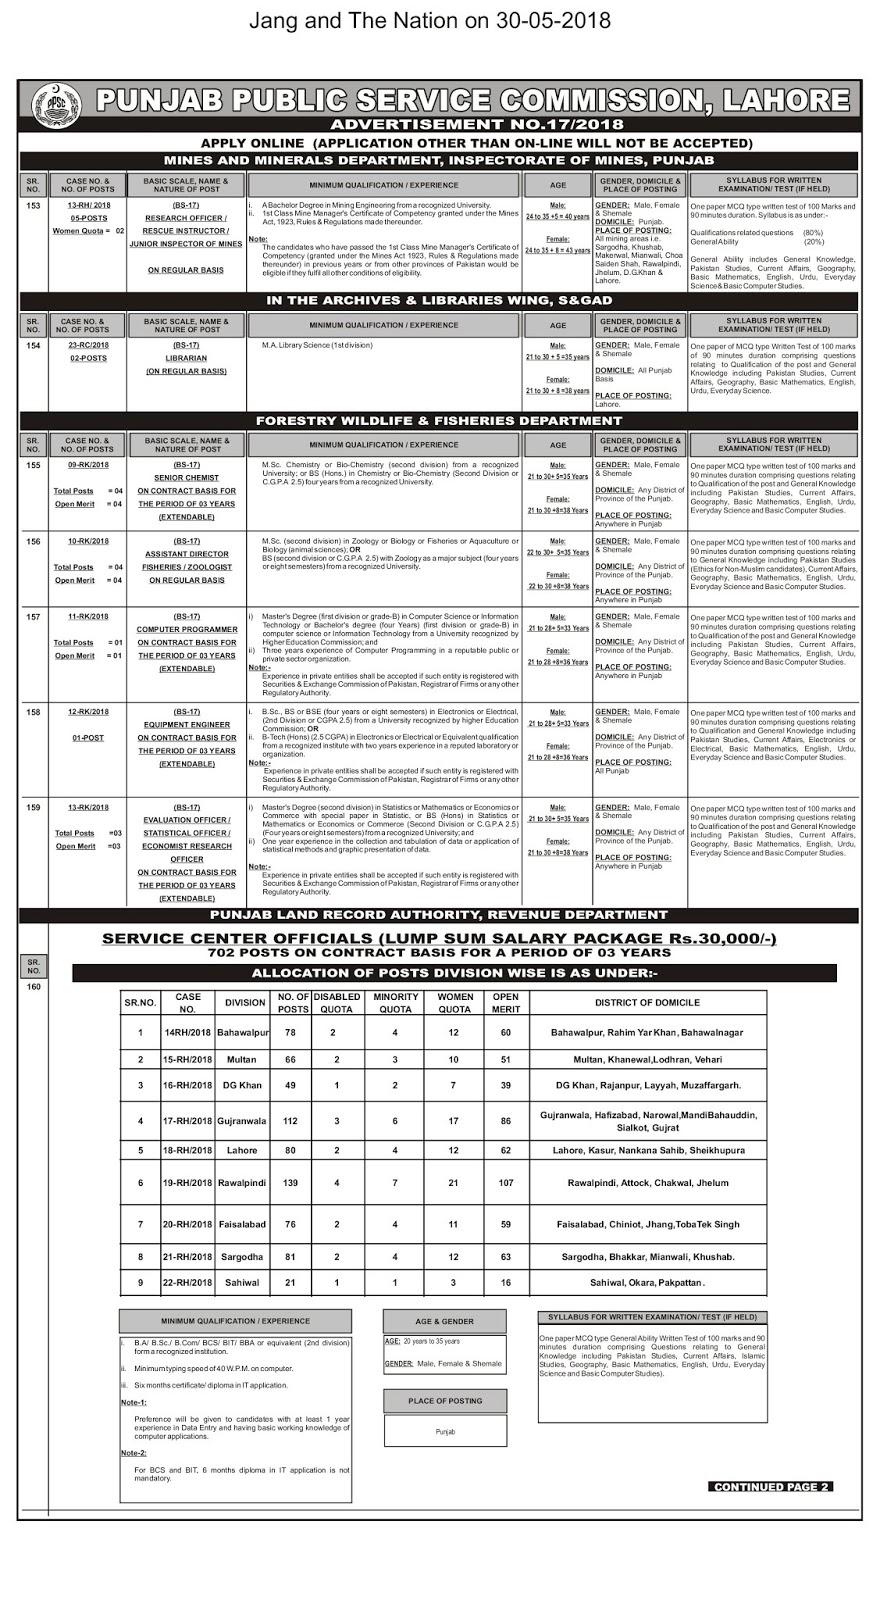 PPSC  Punjab Public Service Commission for JUNE 201